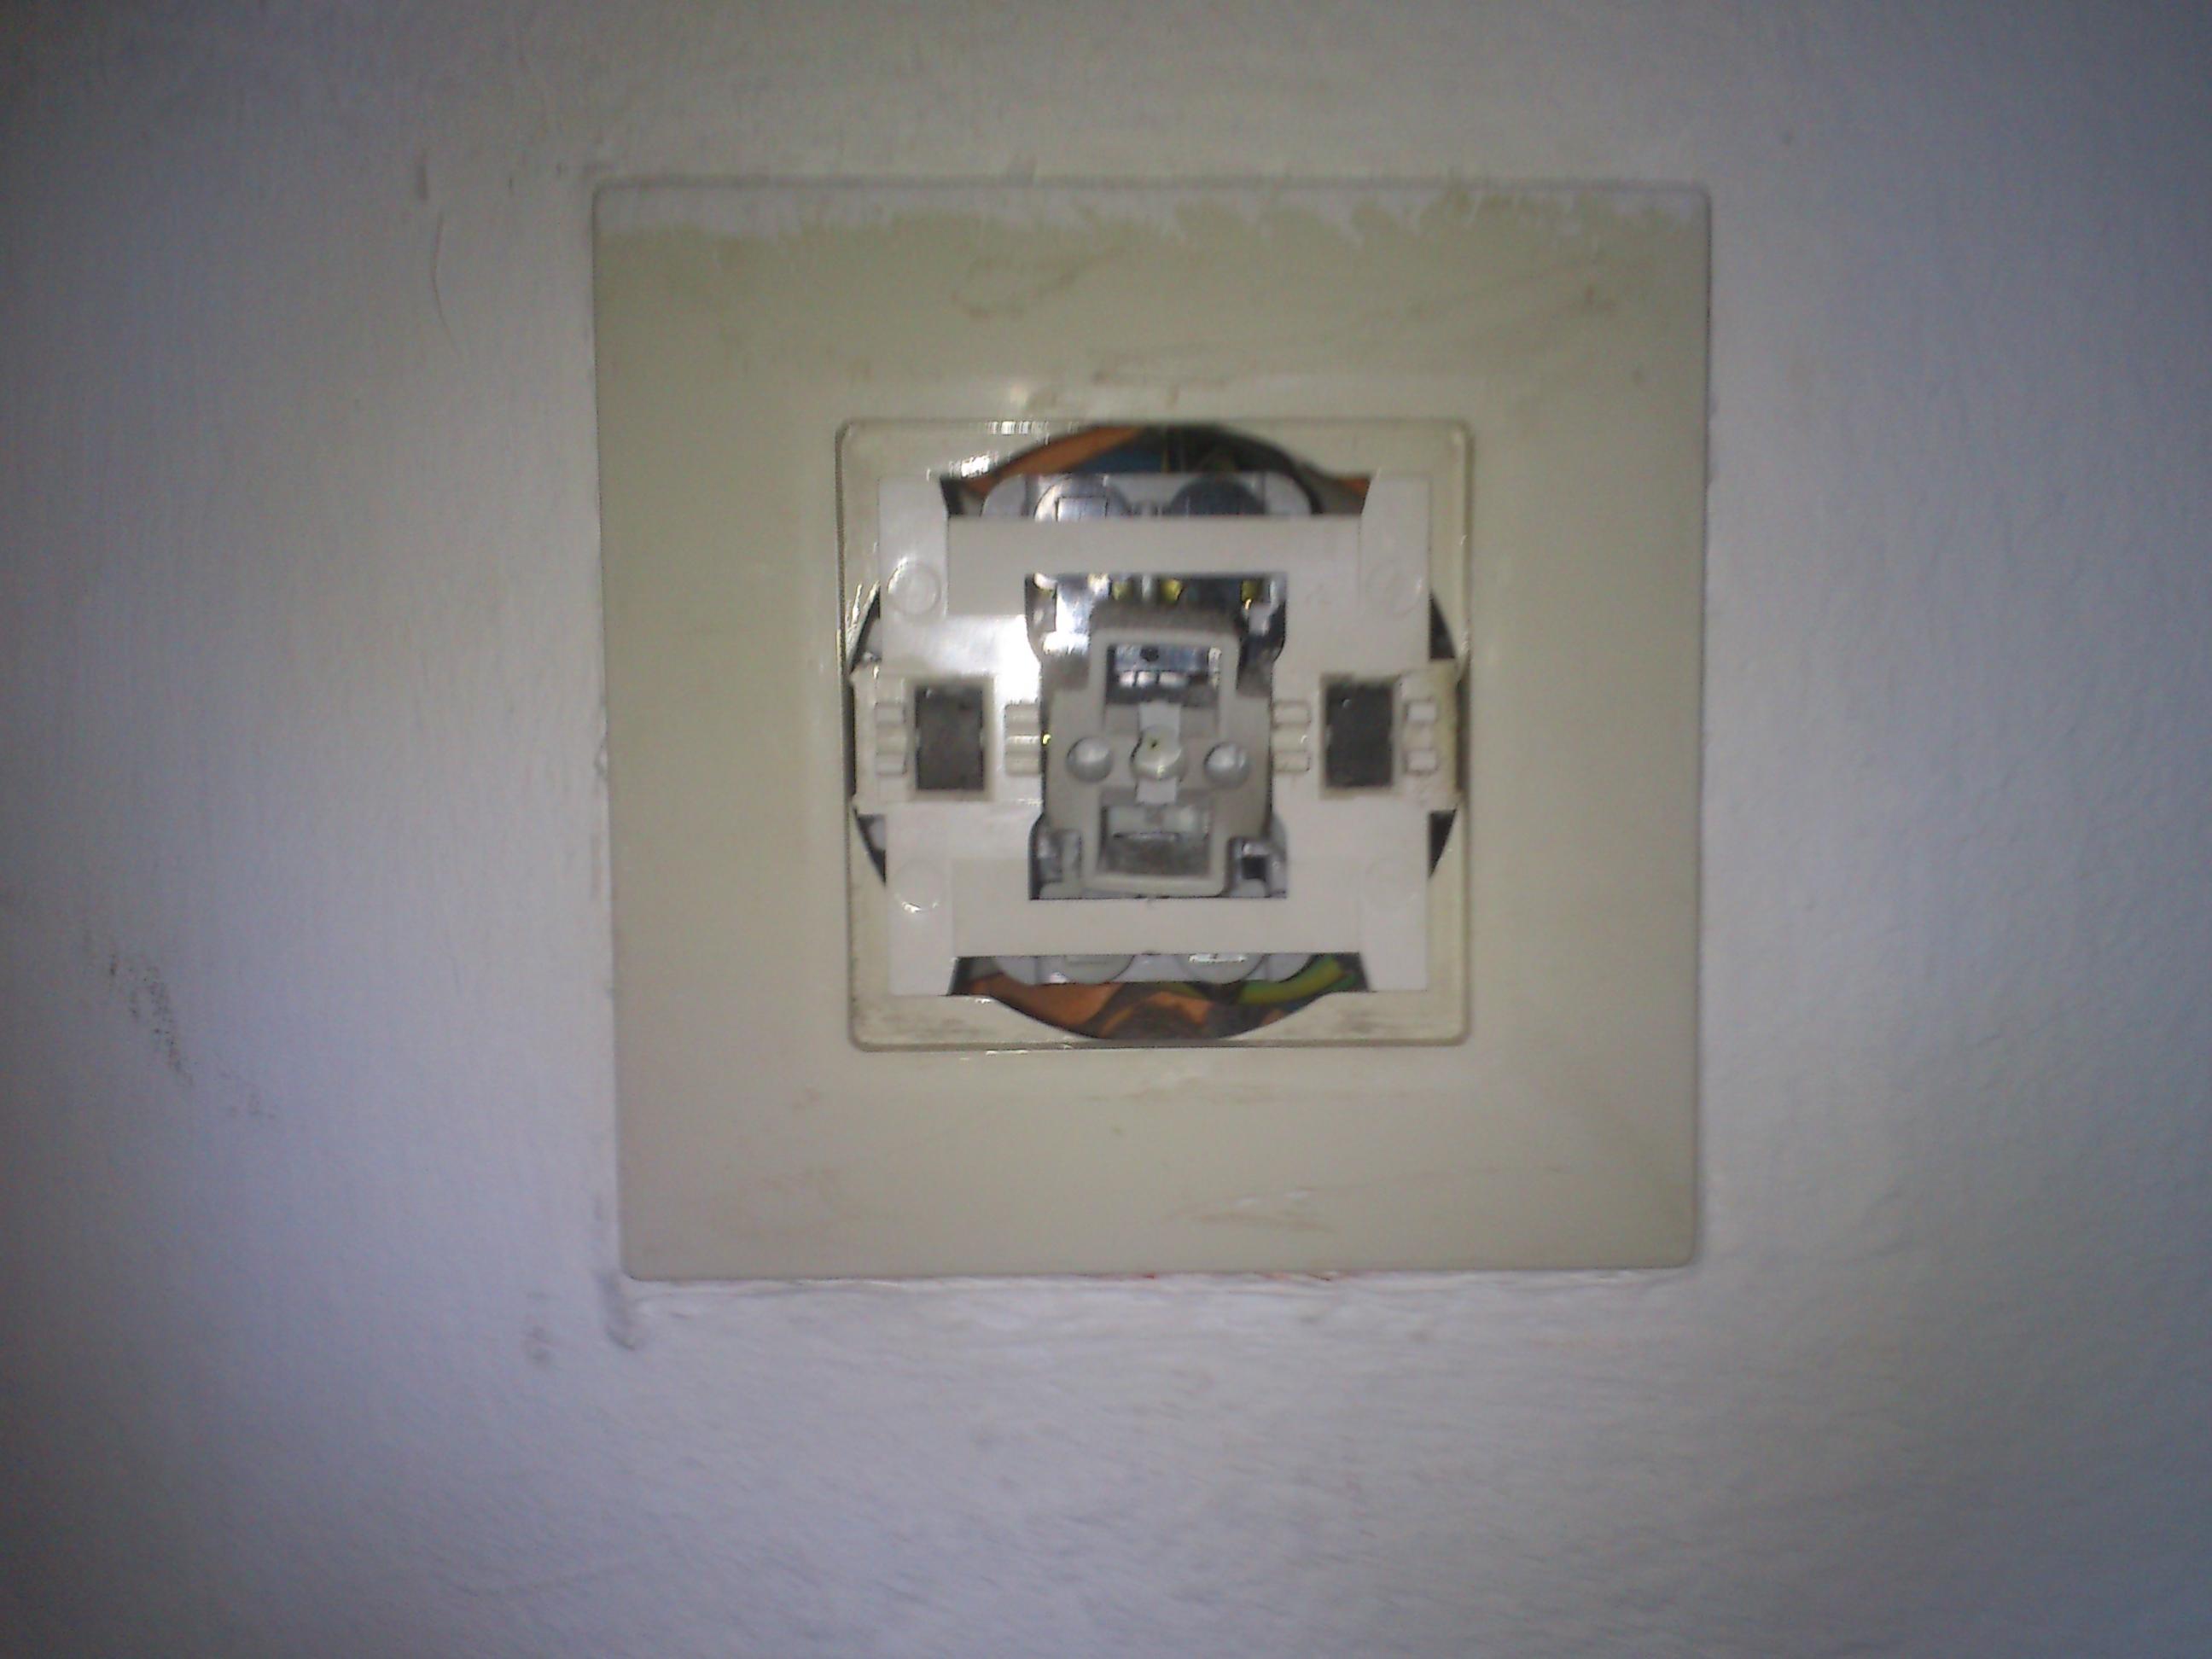 Steckdosen umbauen/erneuern? (Strom, Lichtschalter)